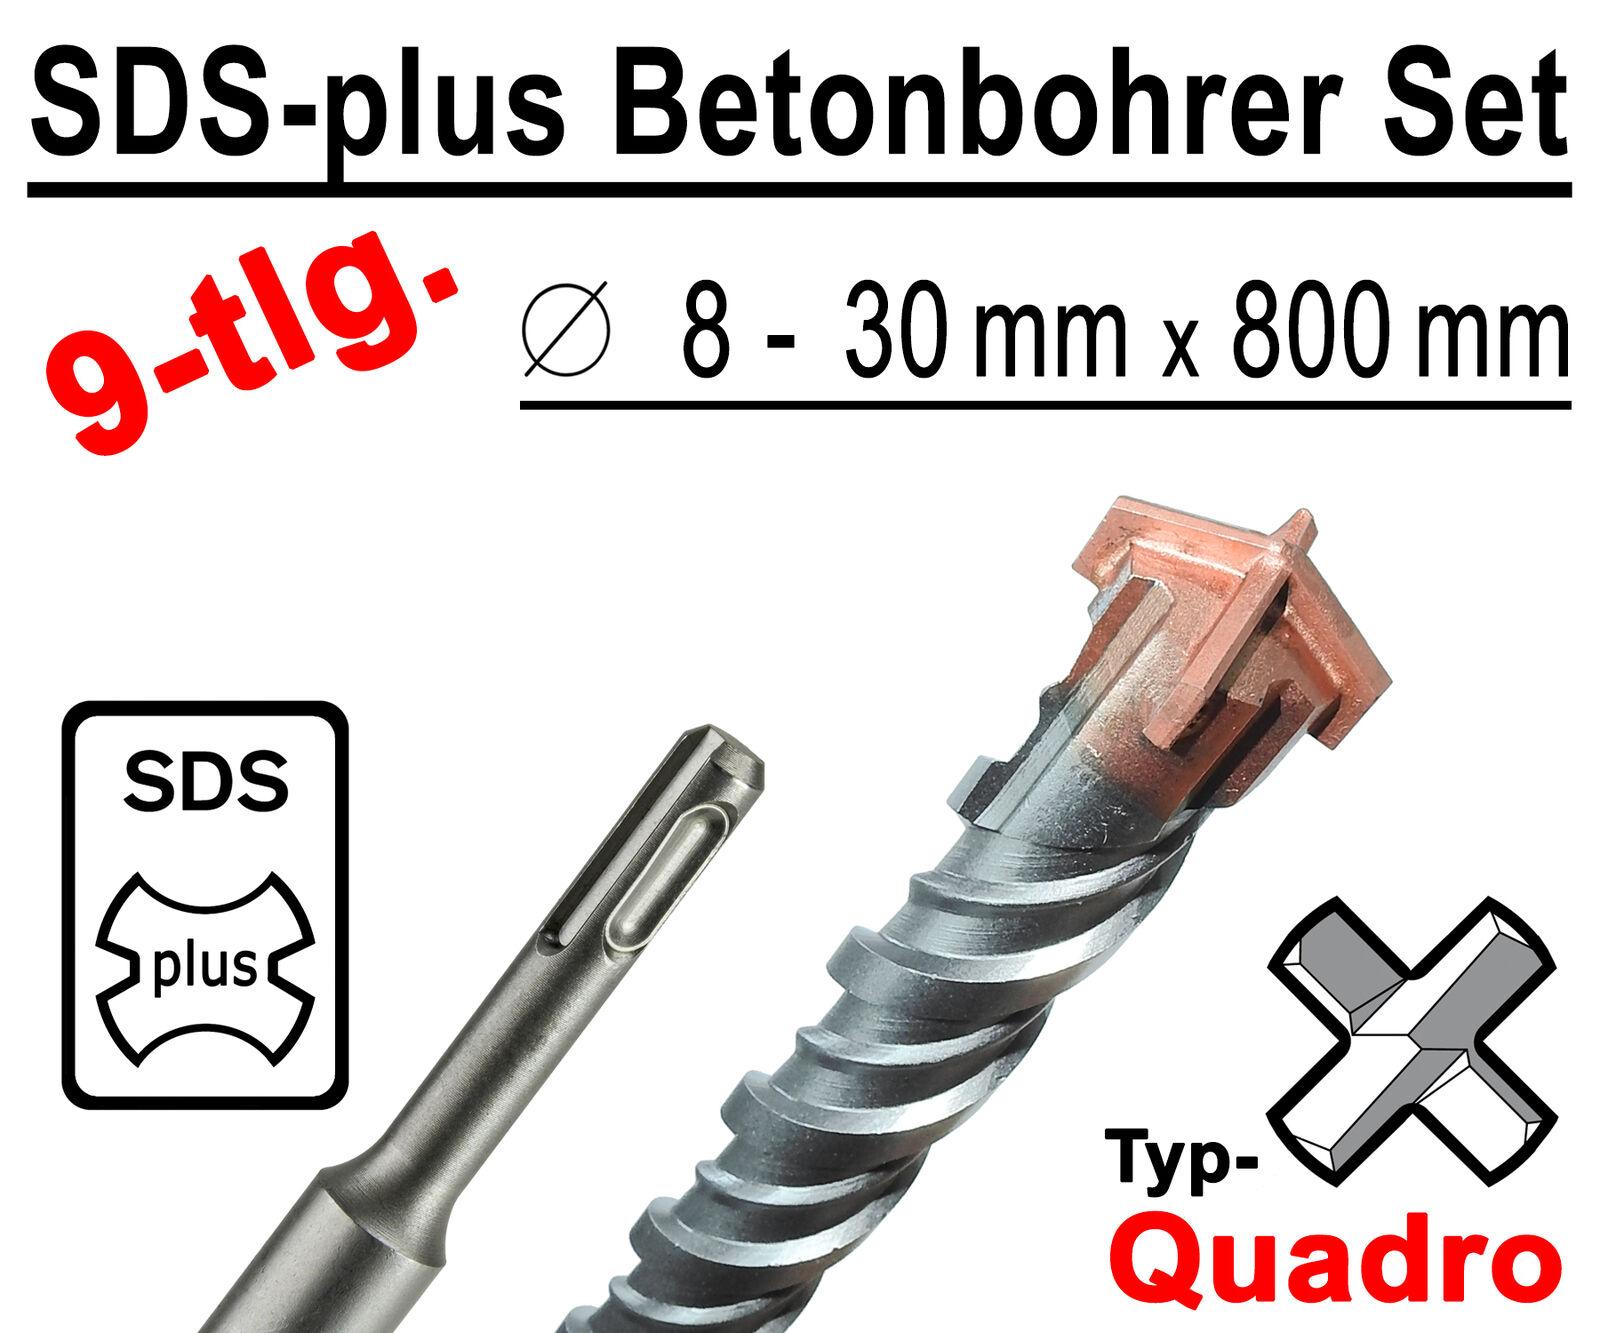 SDS-plus Betonbohrer Set 9-tlg Quadro Bohrer Hammerbohrer 8mm - 30mm x 800mm